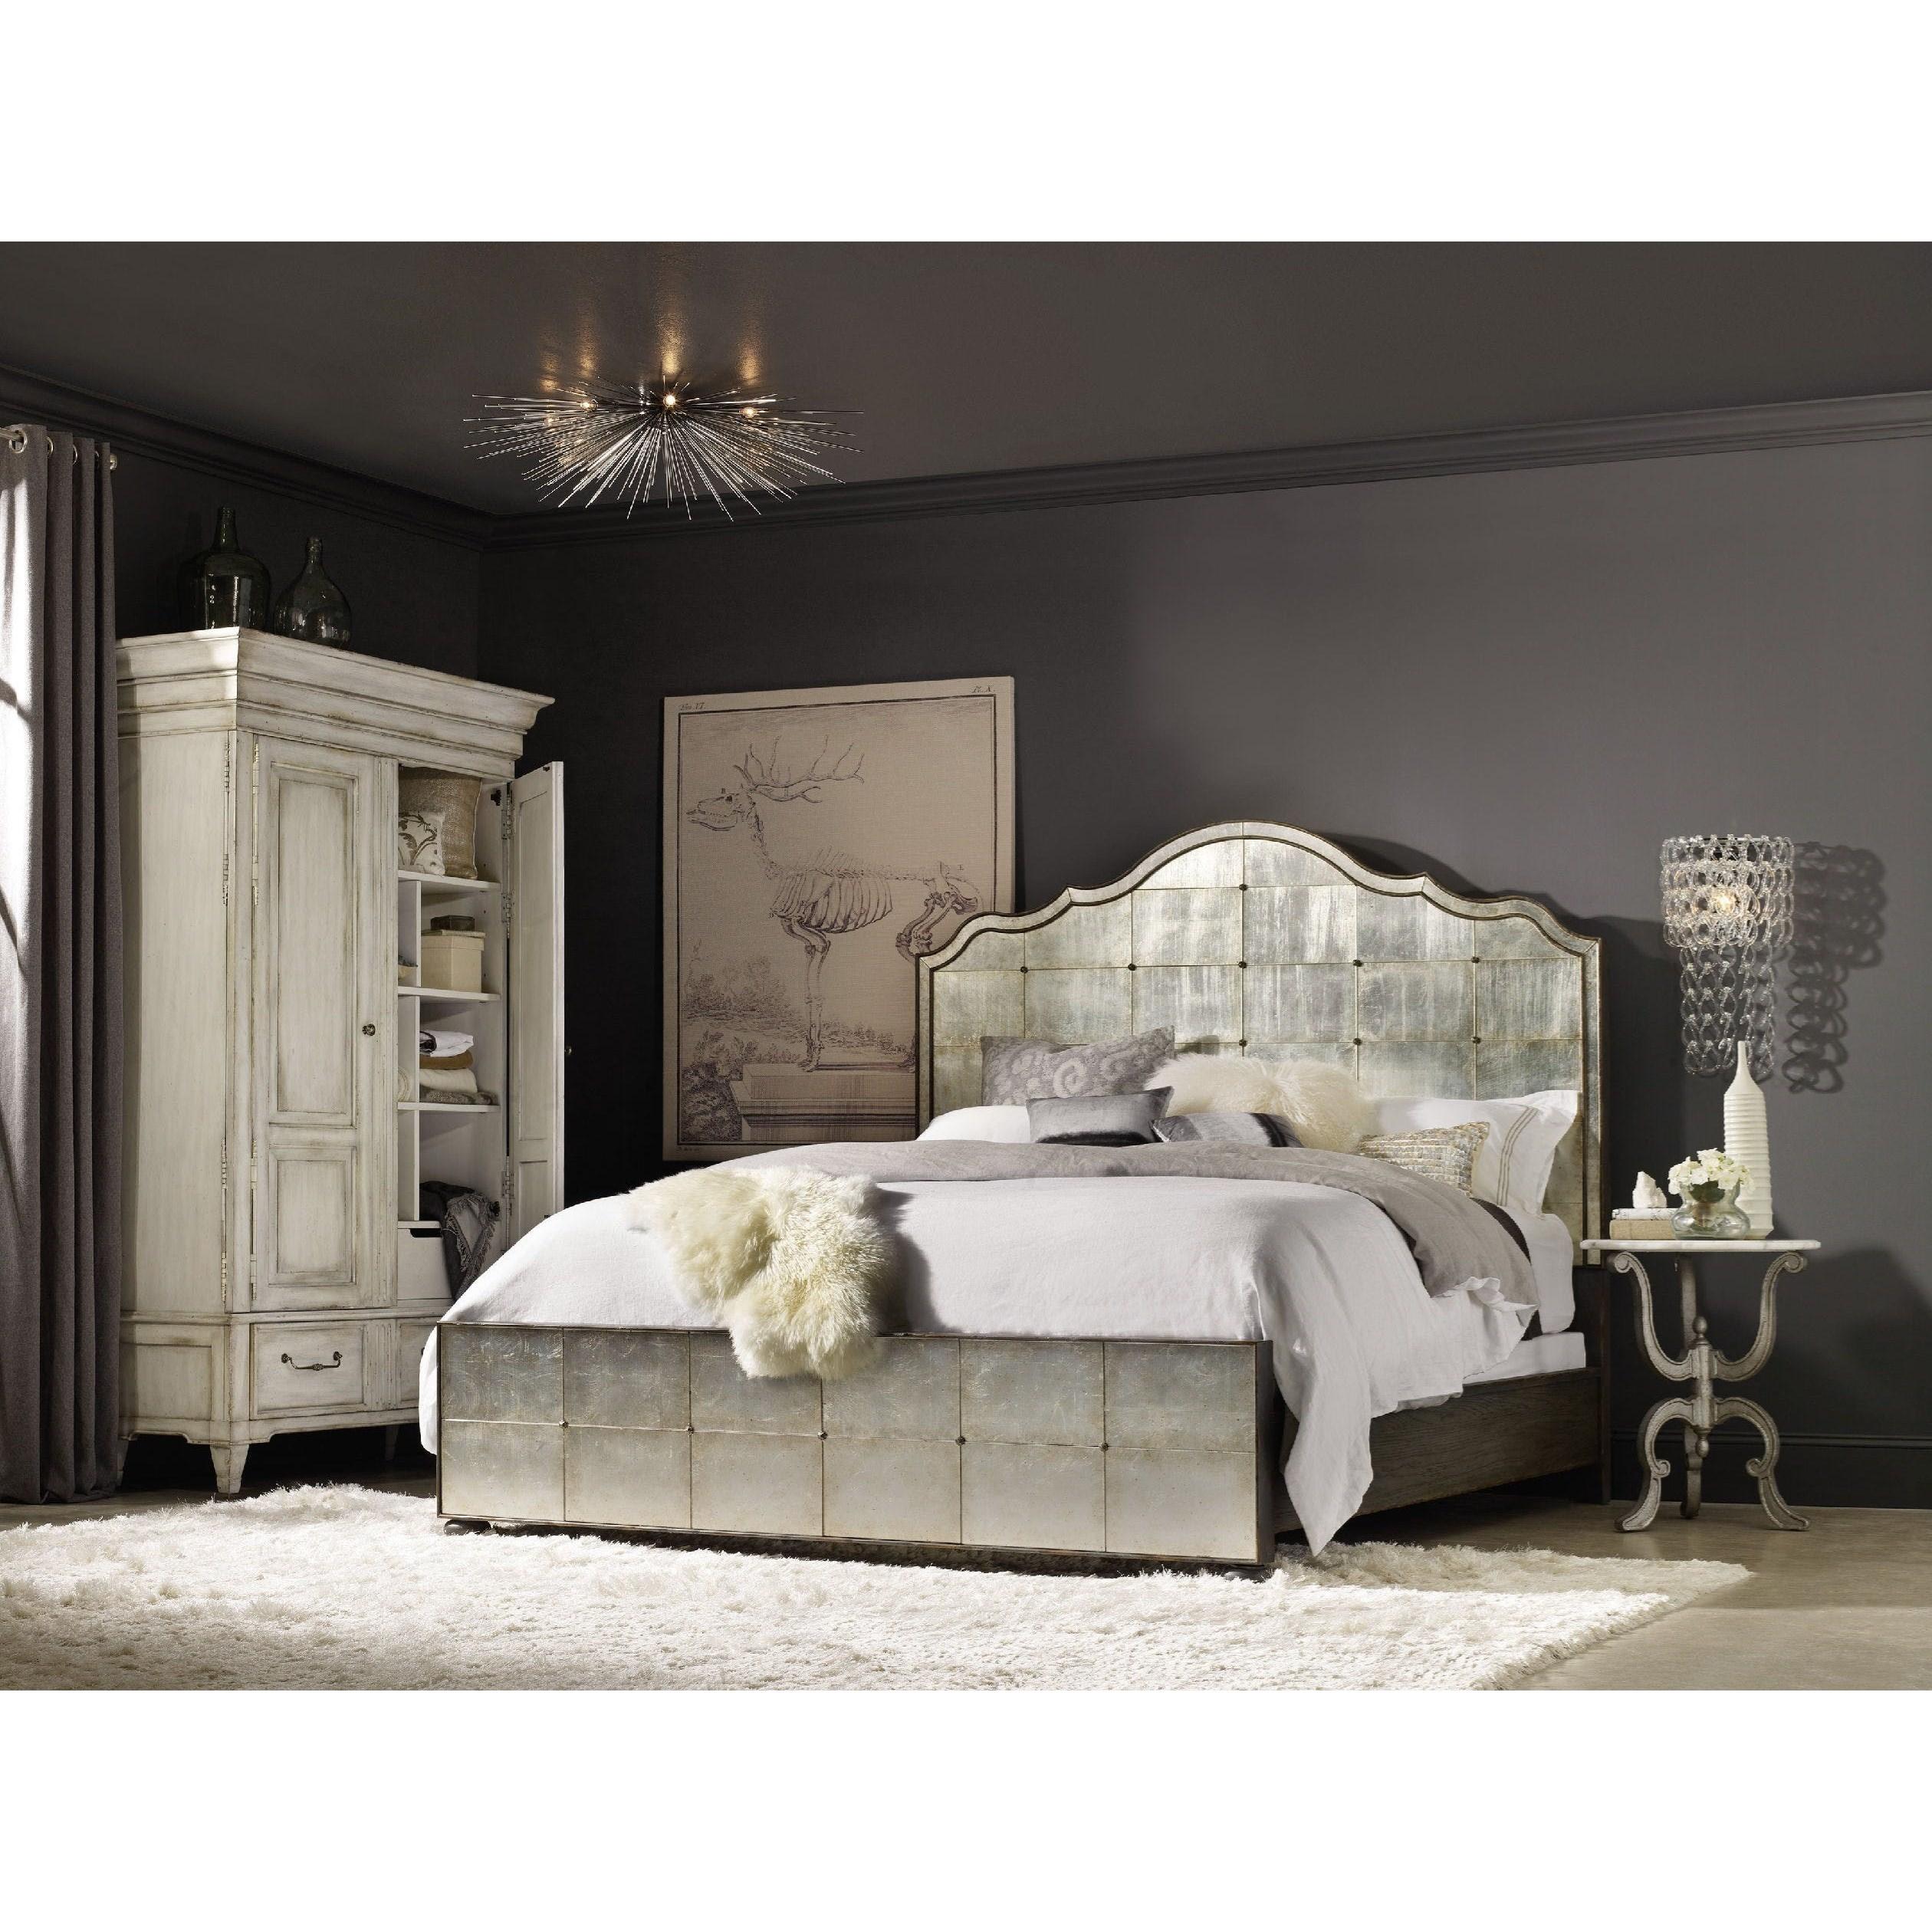 Arabella King Bedroom Group by Hooker Furniture at Baer's Furniture